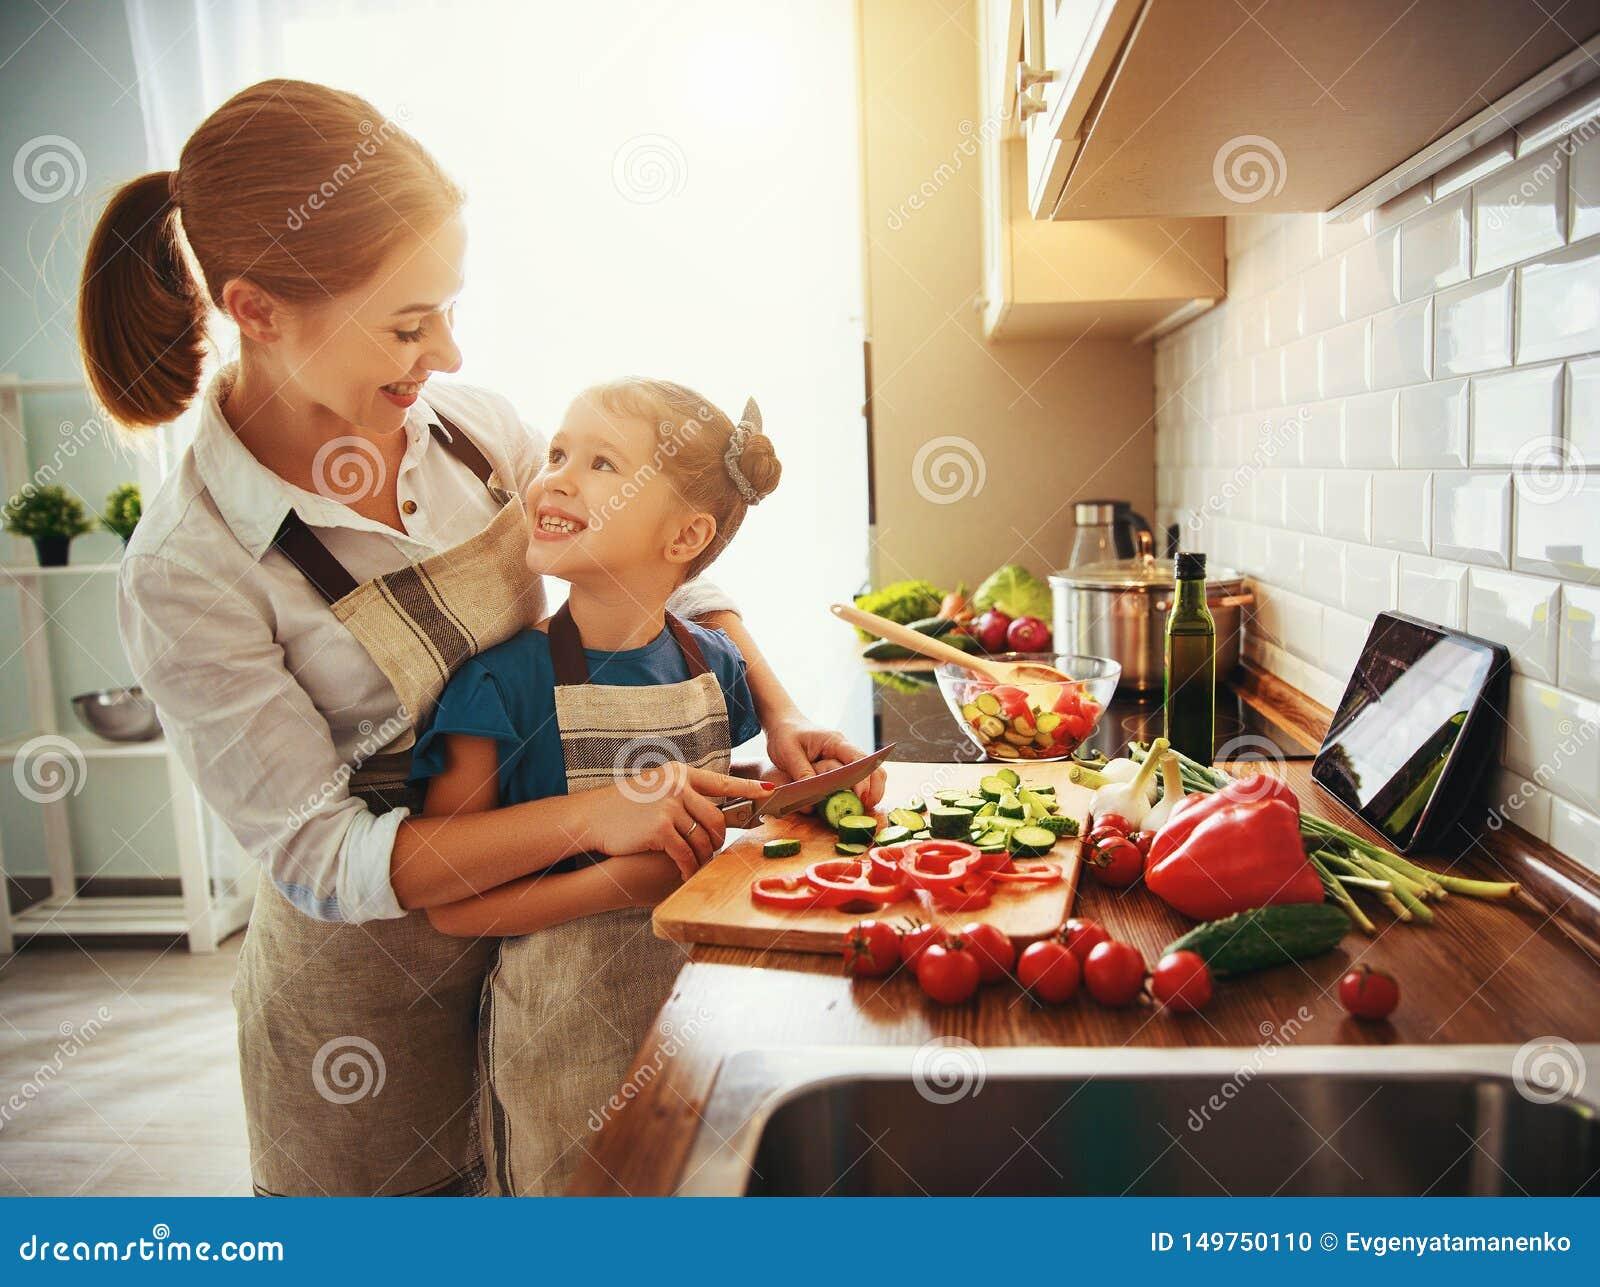 Gl?ckliche Familienmutter mit dem Kinderm?dchen, das Gem?sesalat zubereitet